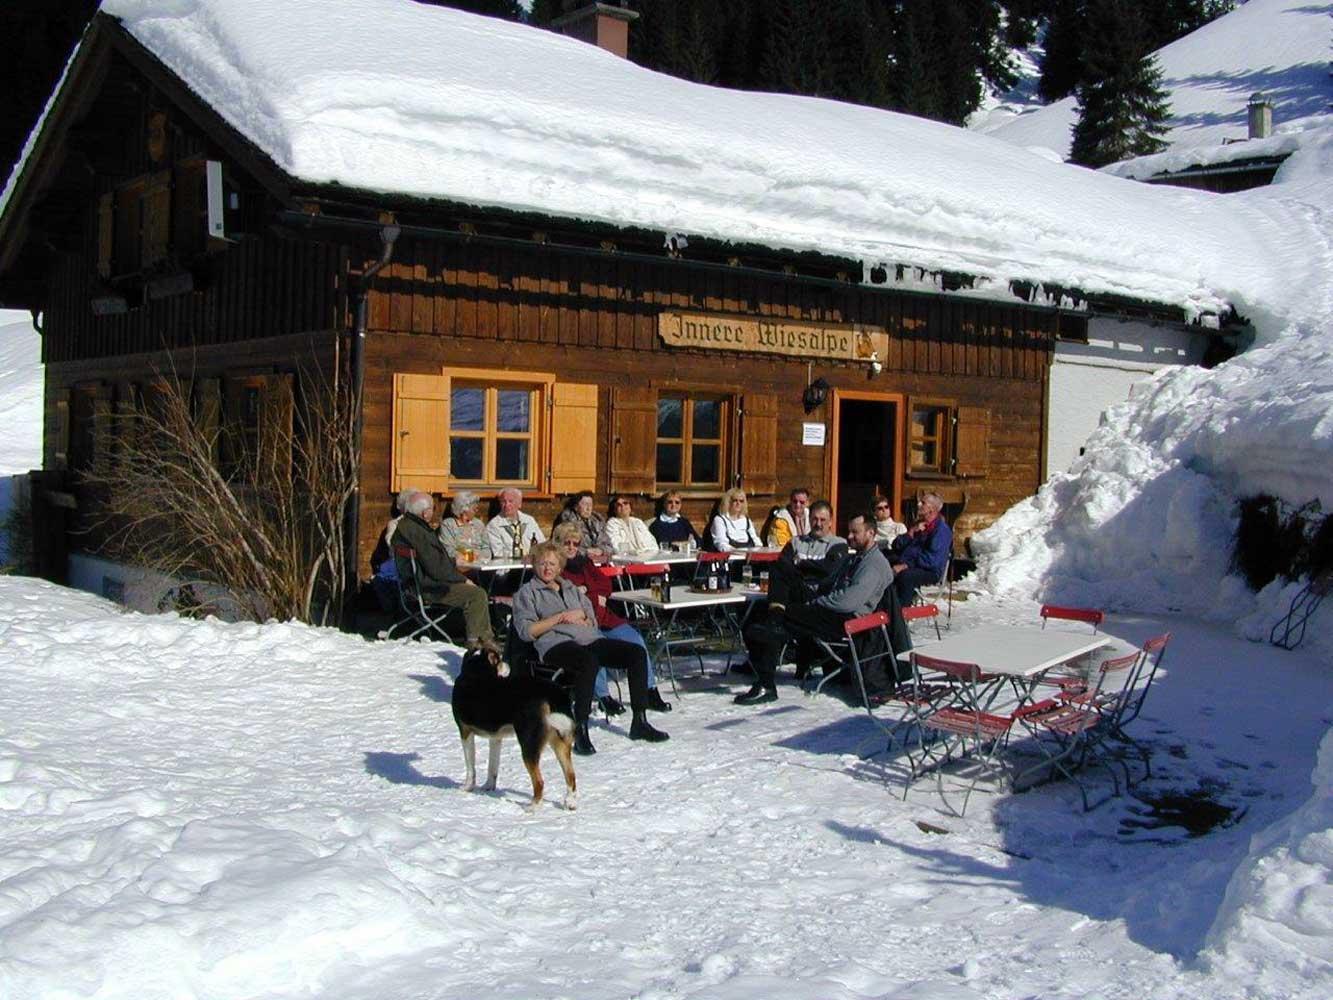 Innere Wiesalpe Kleinwalsertal, Ausflugsziel, Alpe, Brotzeit – Genuß im Winter